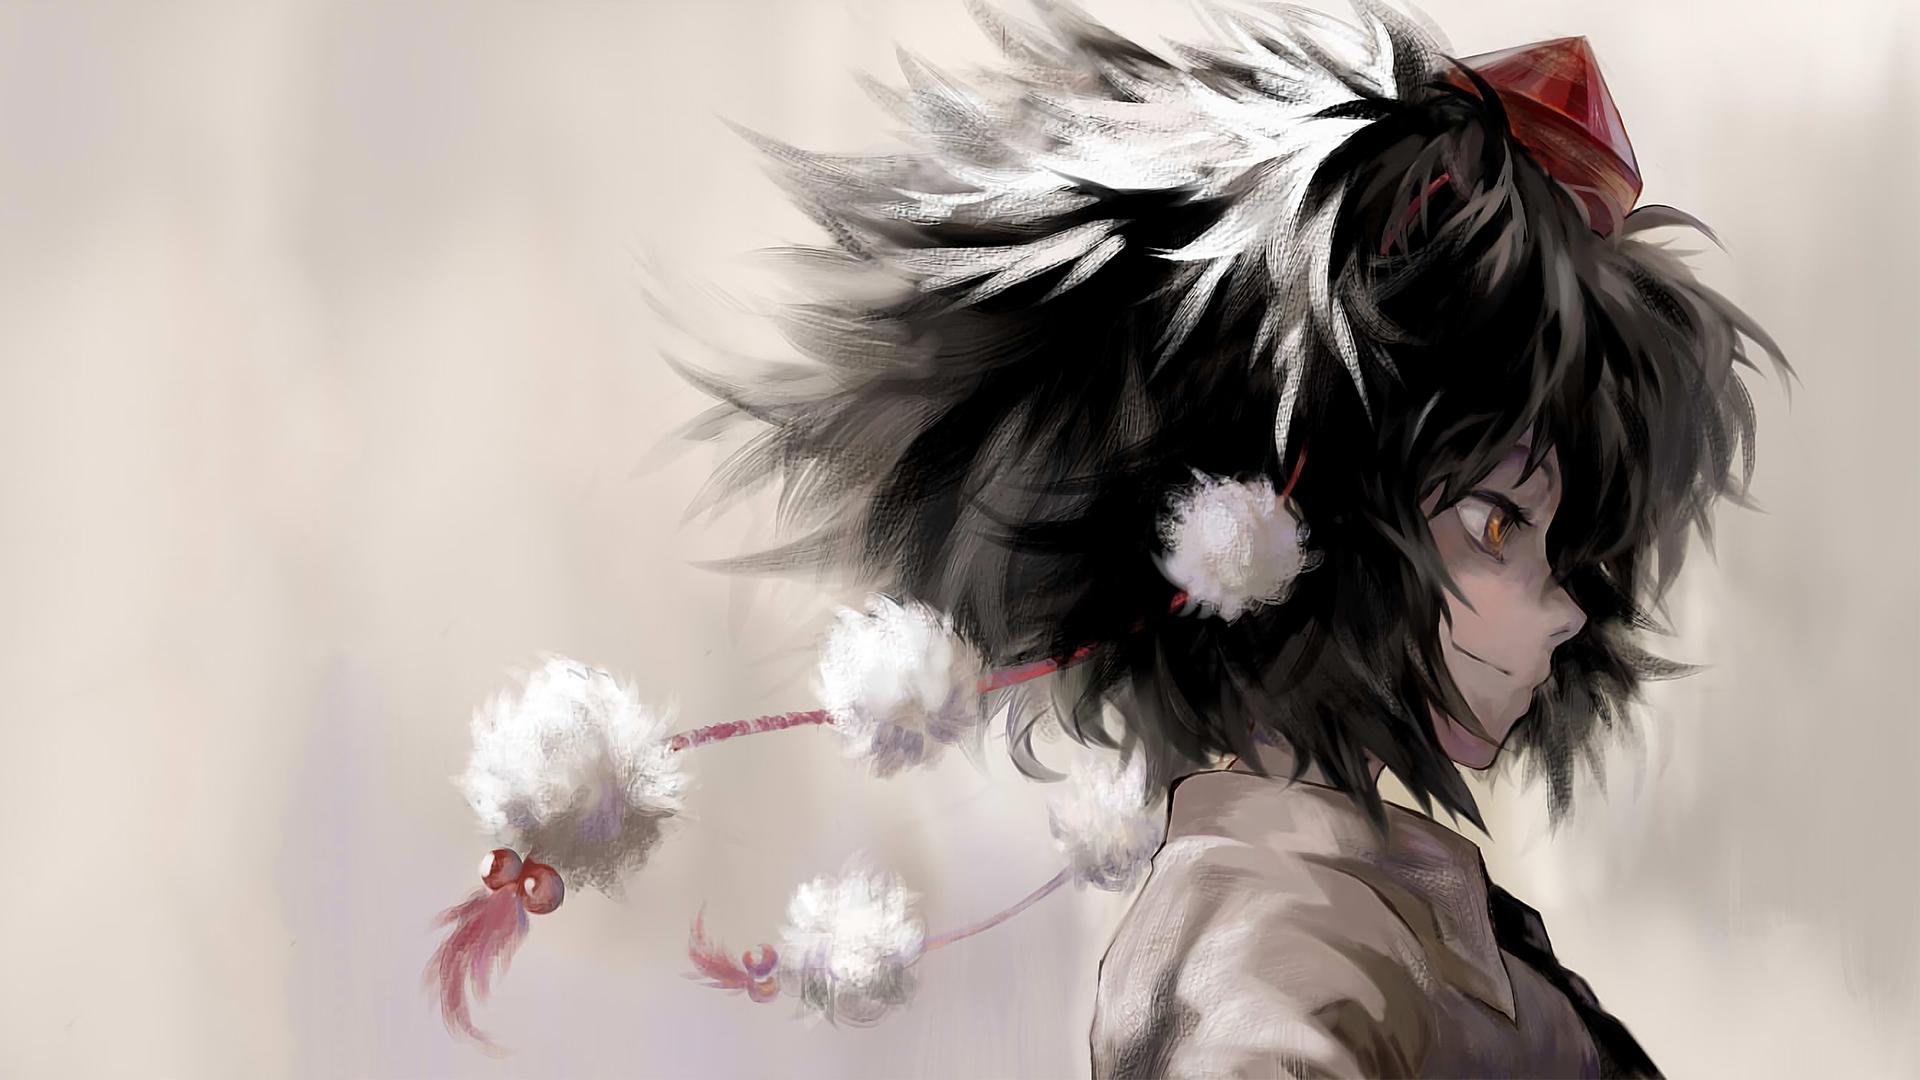 Anime - Touhou  Aya Shameimaru Wallpaper